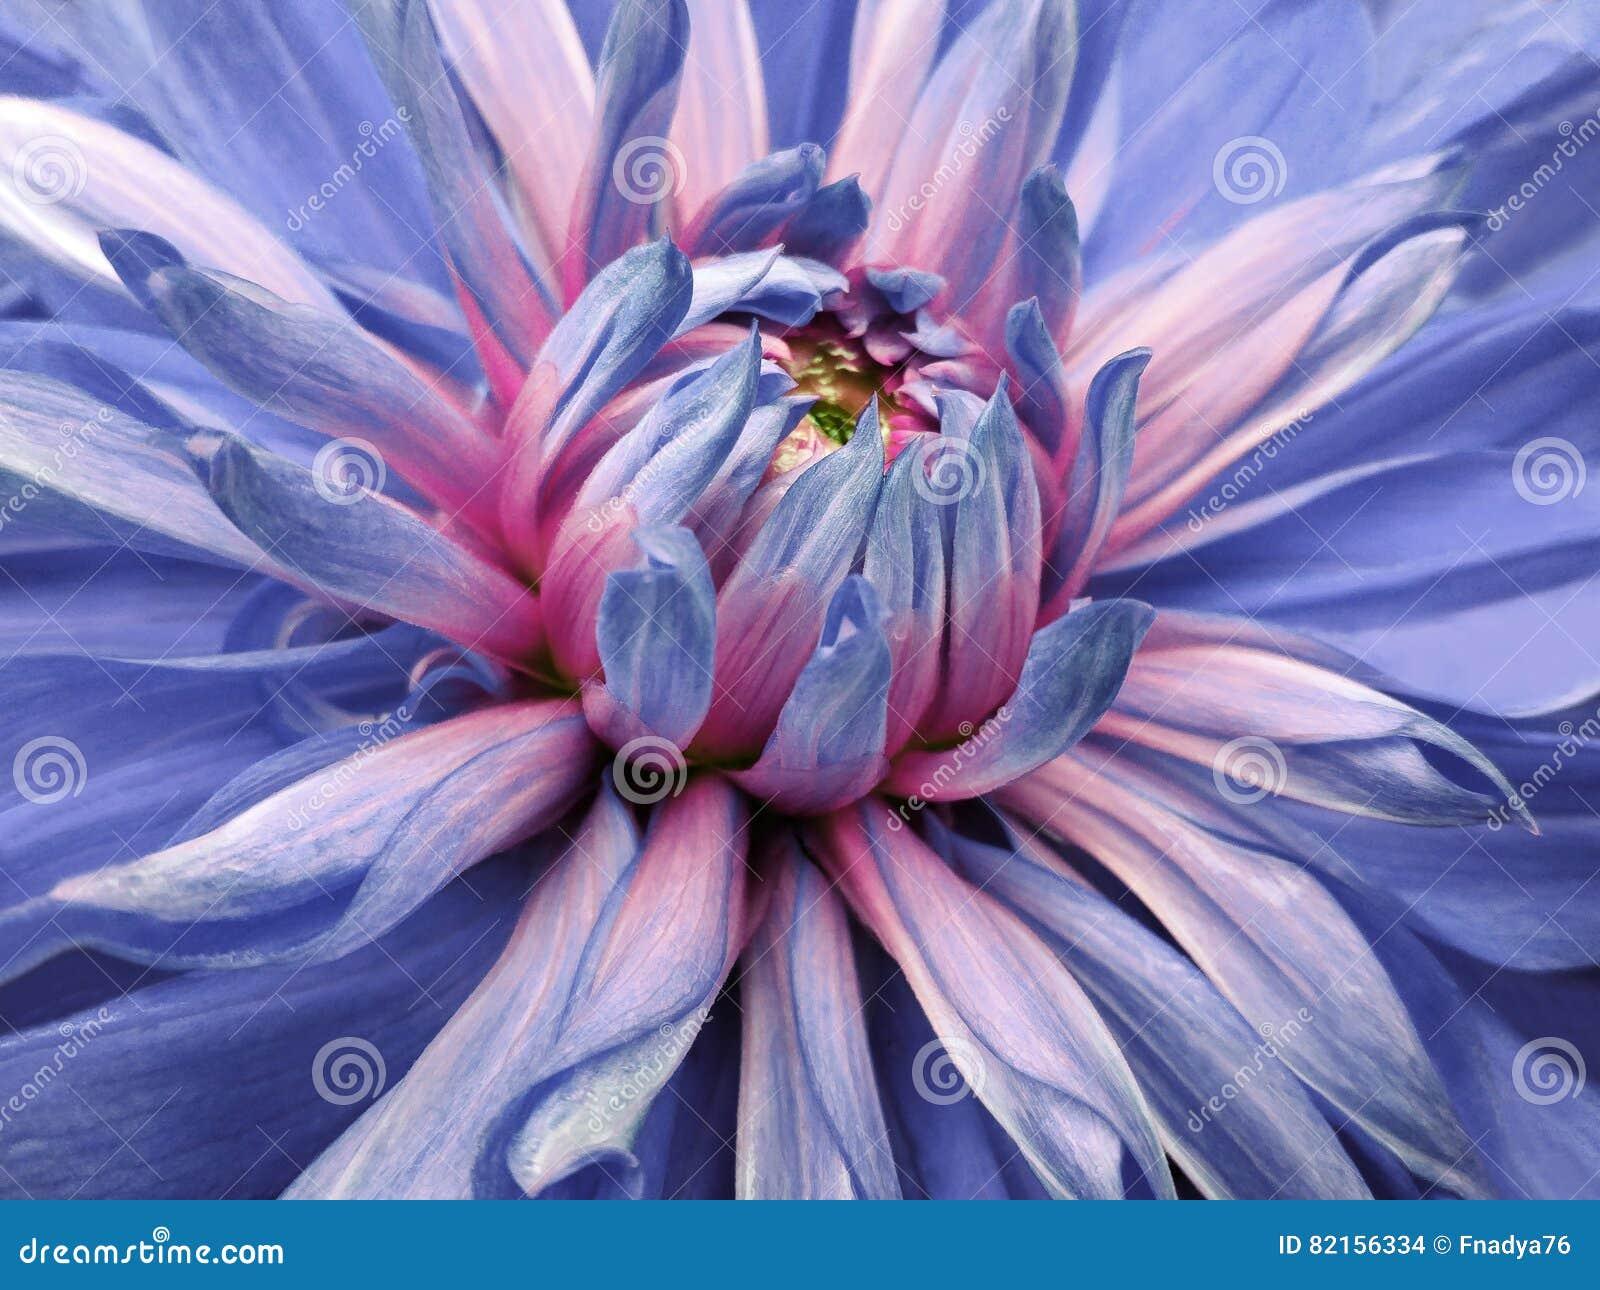 Dahlia Flower Blue Pink Closeup Beautiful Dahlia Side View For